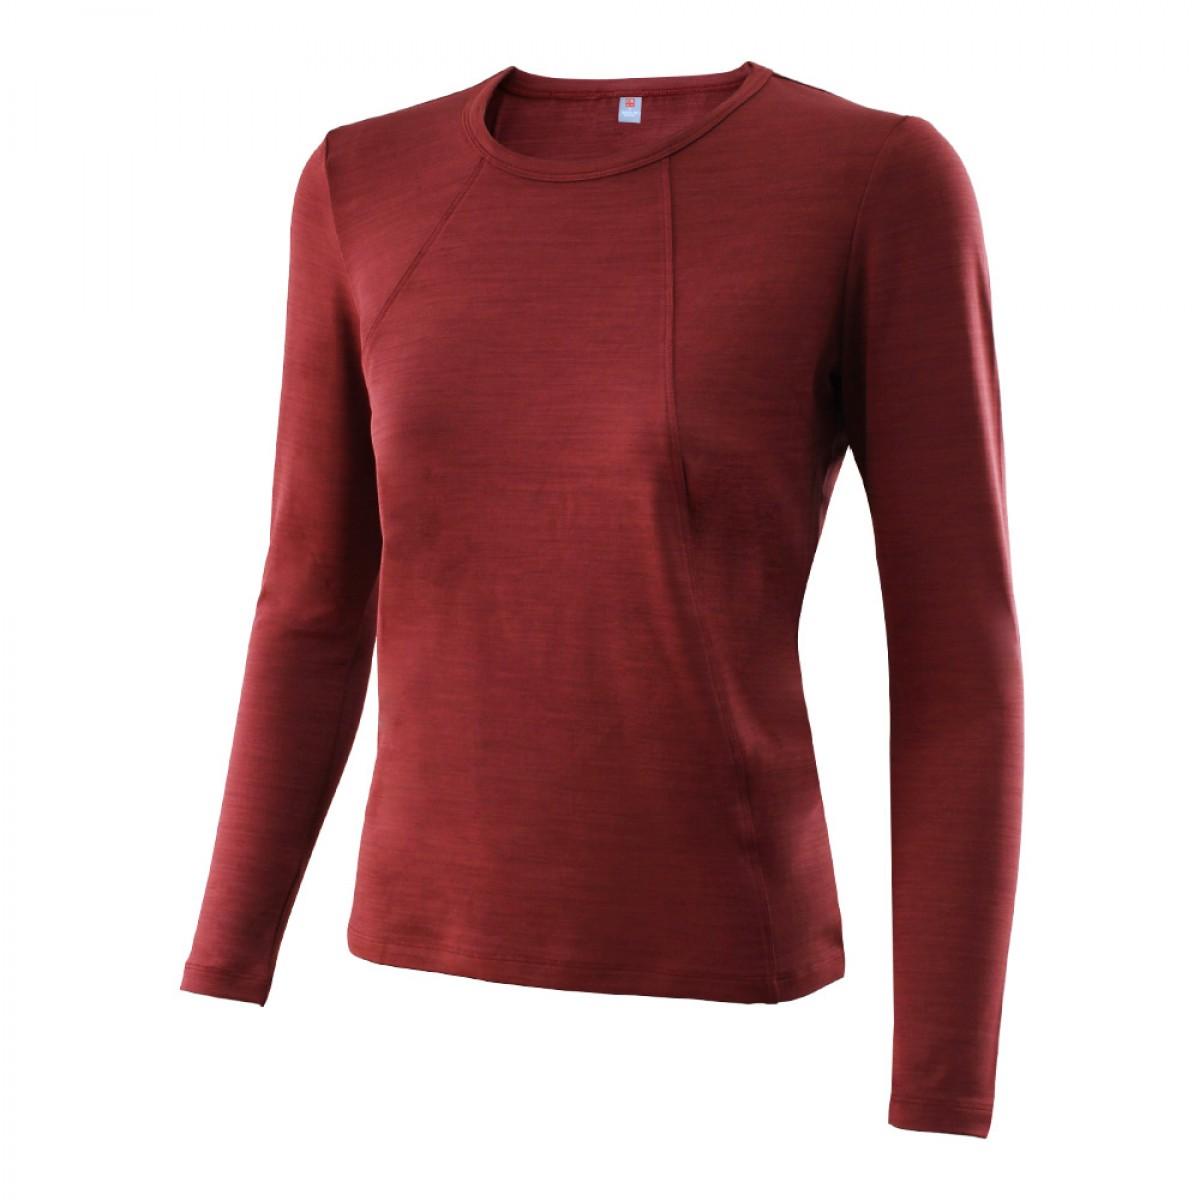 women-knitted-long-sleeve-t-shirt-kklst16928-11a